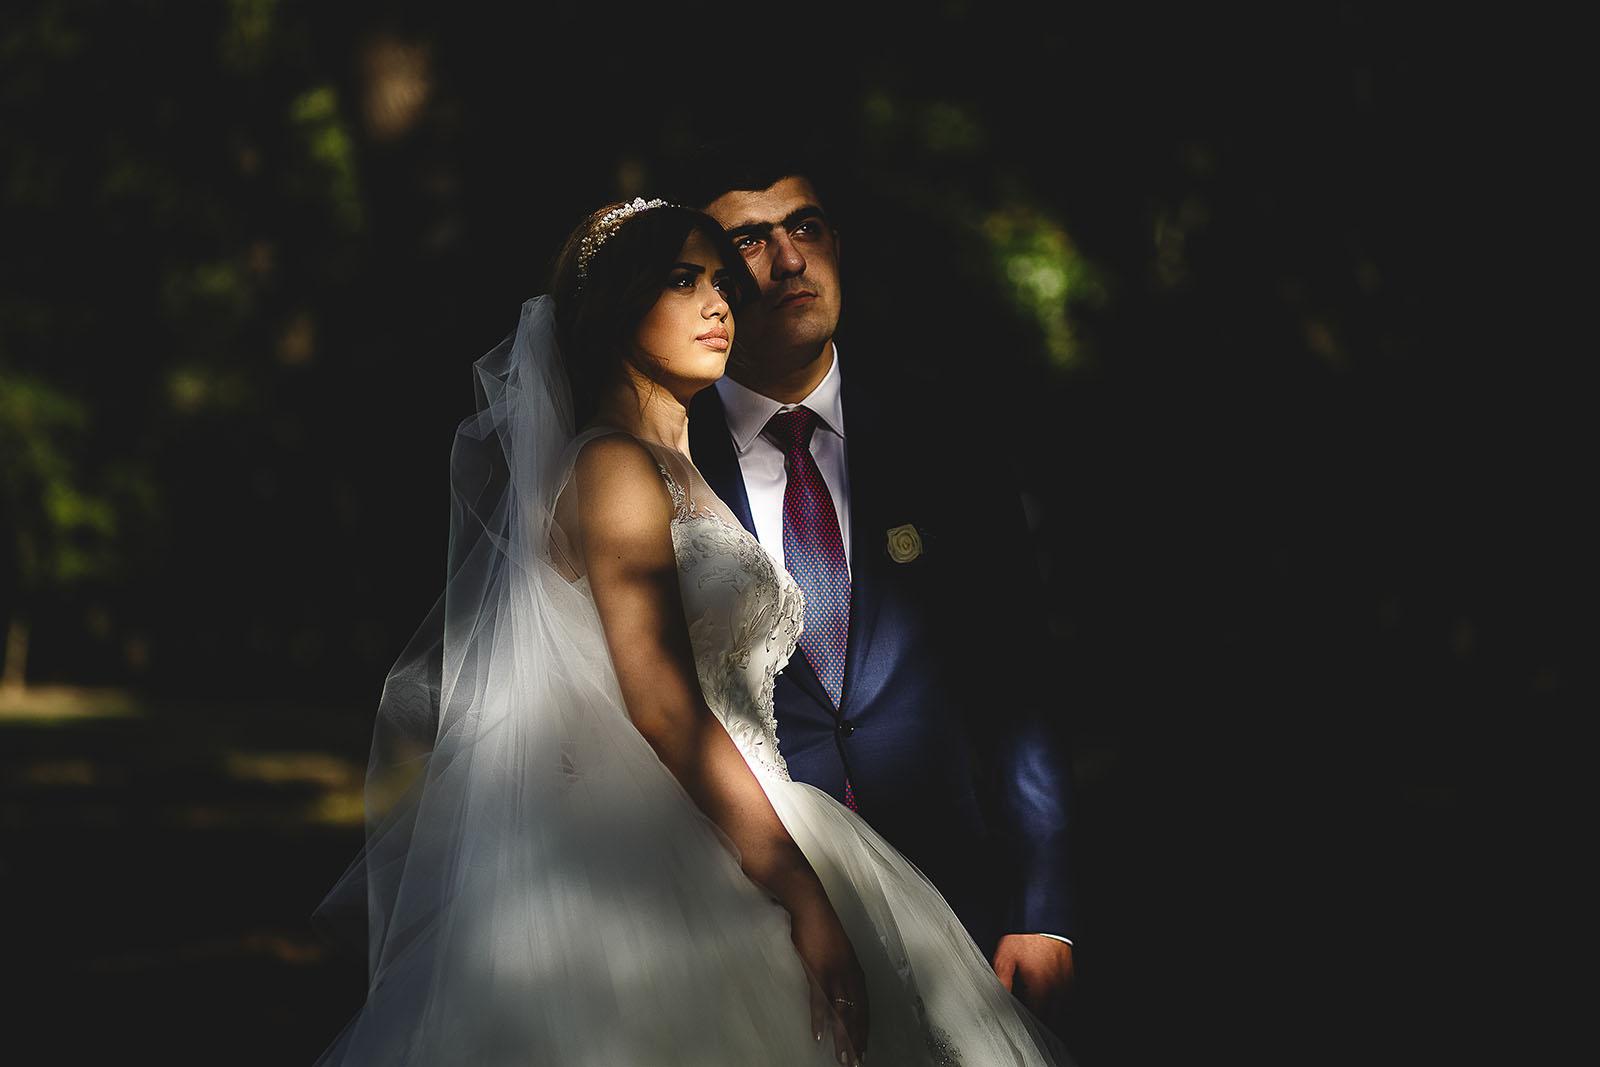 Mariage au Château de Beguin David Pommier photographe de mariage. Photo de couple sous les arbres au soleil